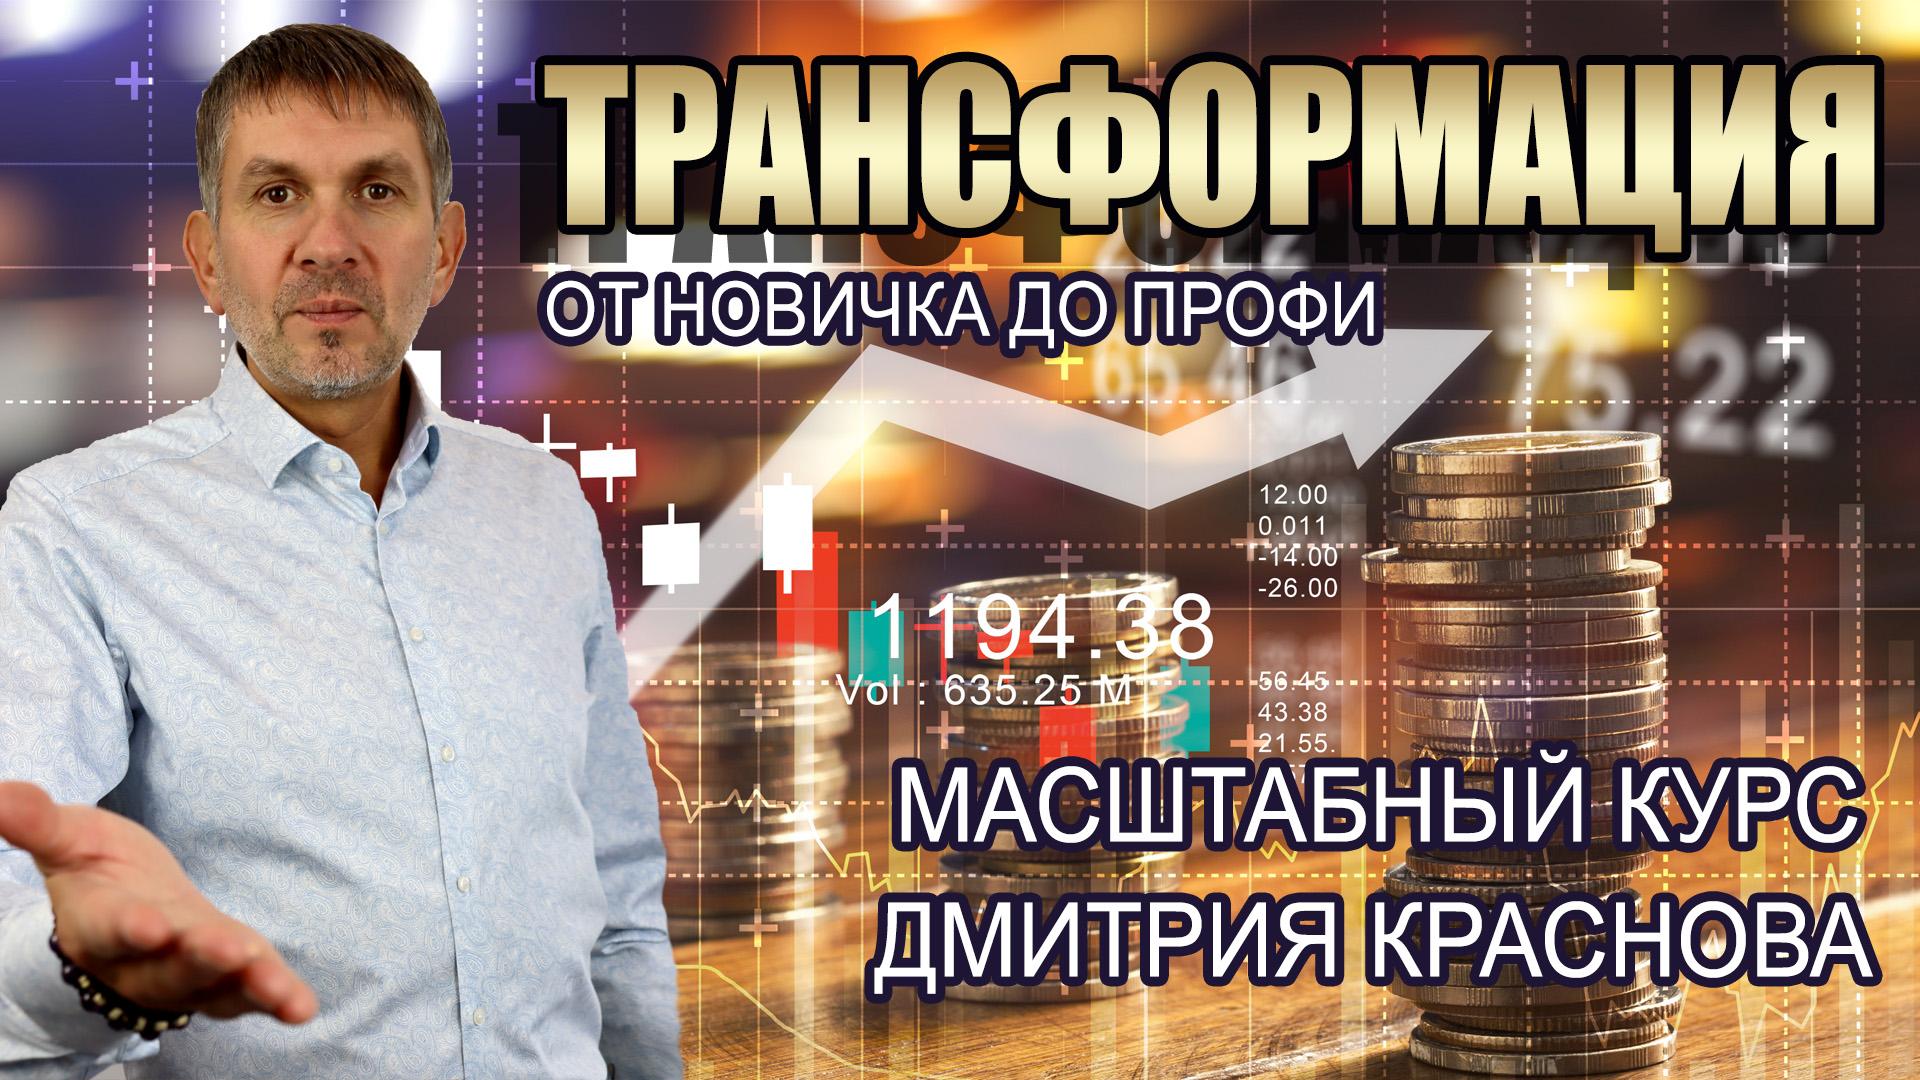 """Масштабный курс """"ТРАНСФОРМАЦИЯ"""" от новичка до профи стартует с 02 июля!"""